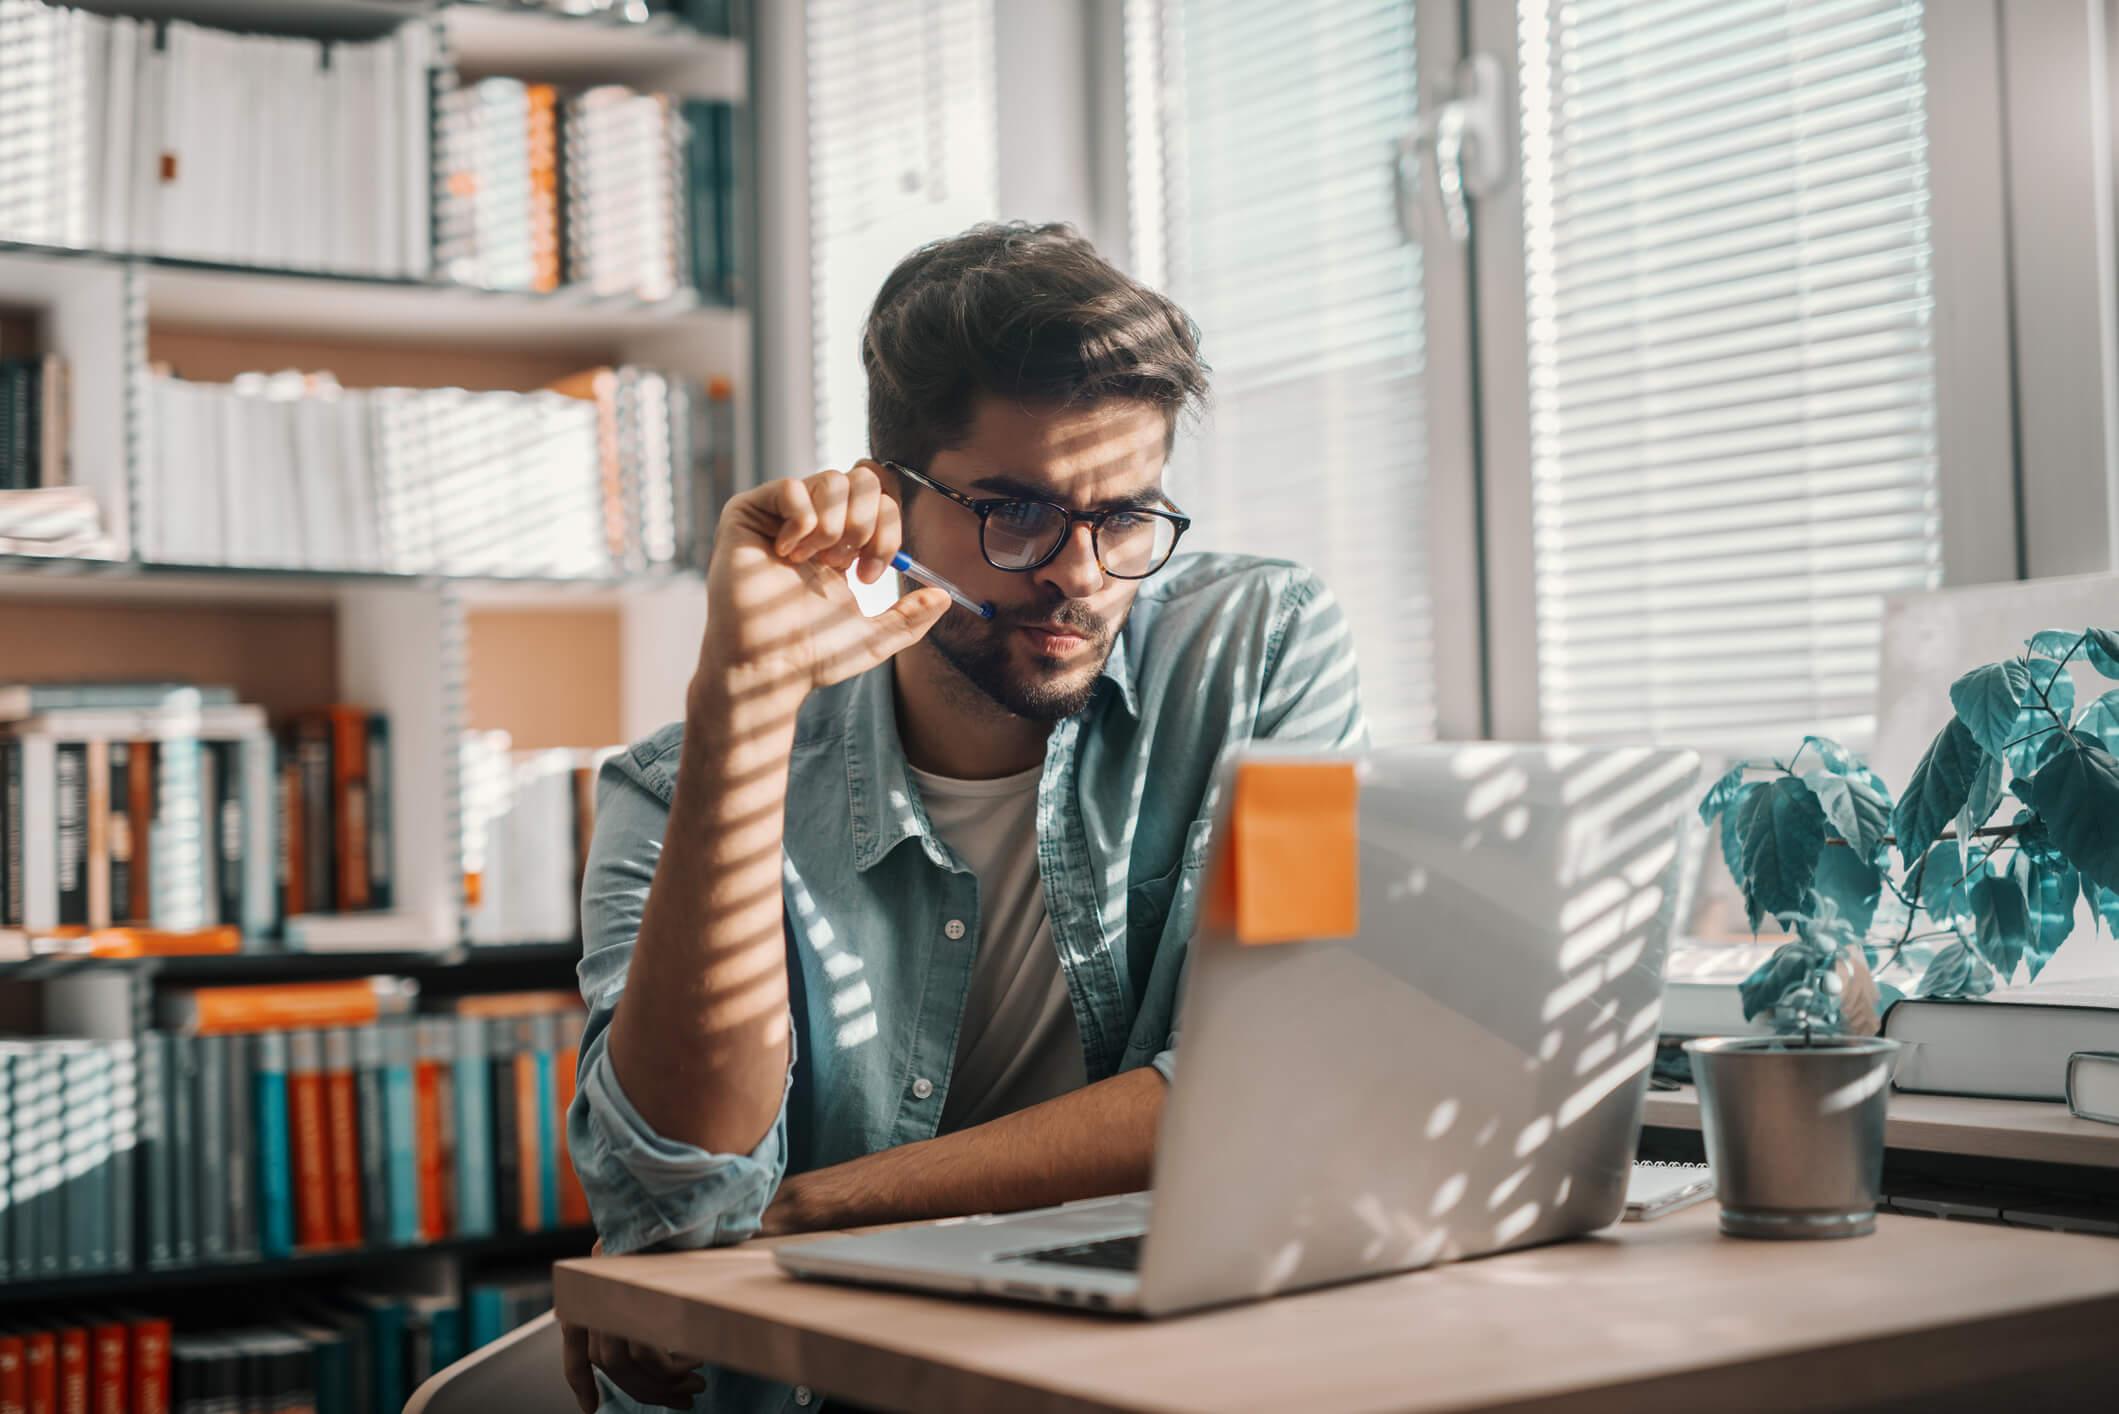 Man on laptop using Windscribe VPN